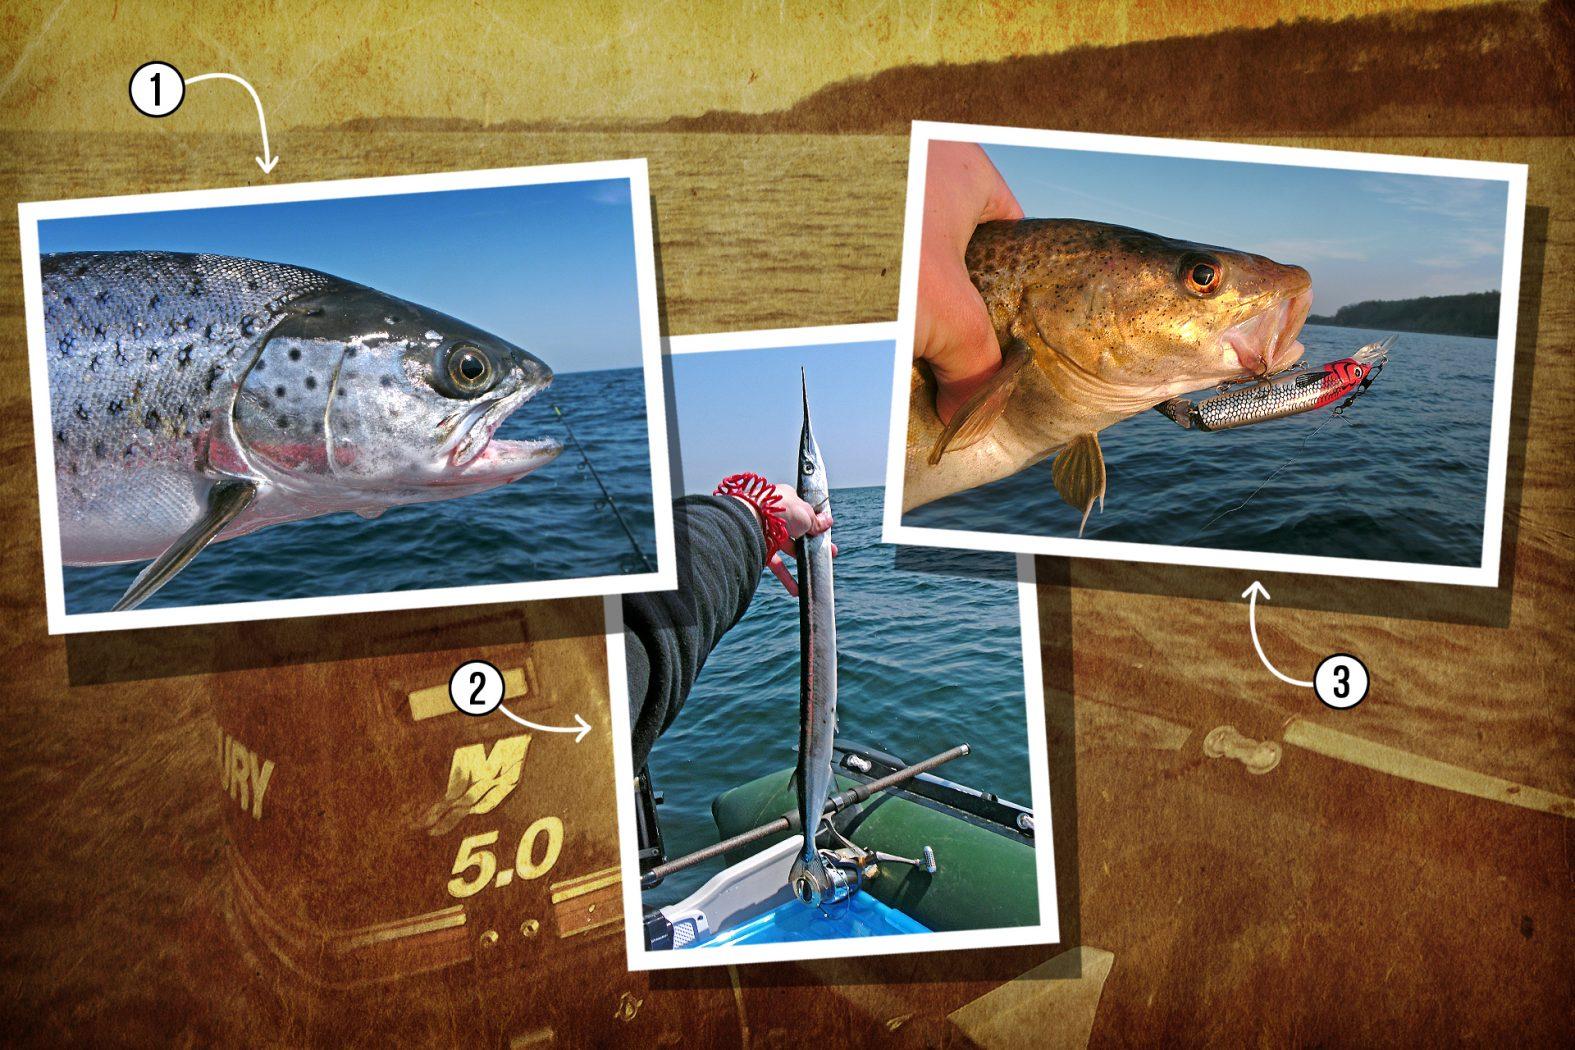 Meerforelle, Hornhecht und Dorsch angeln vor Fehmarn